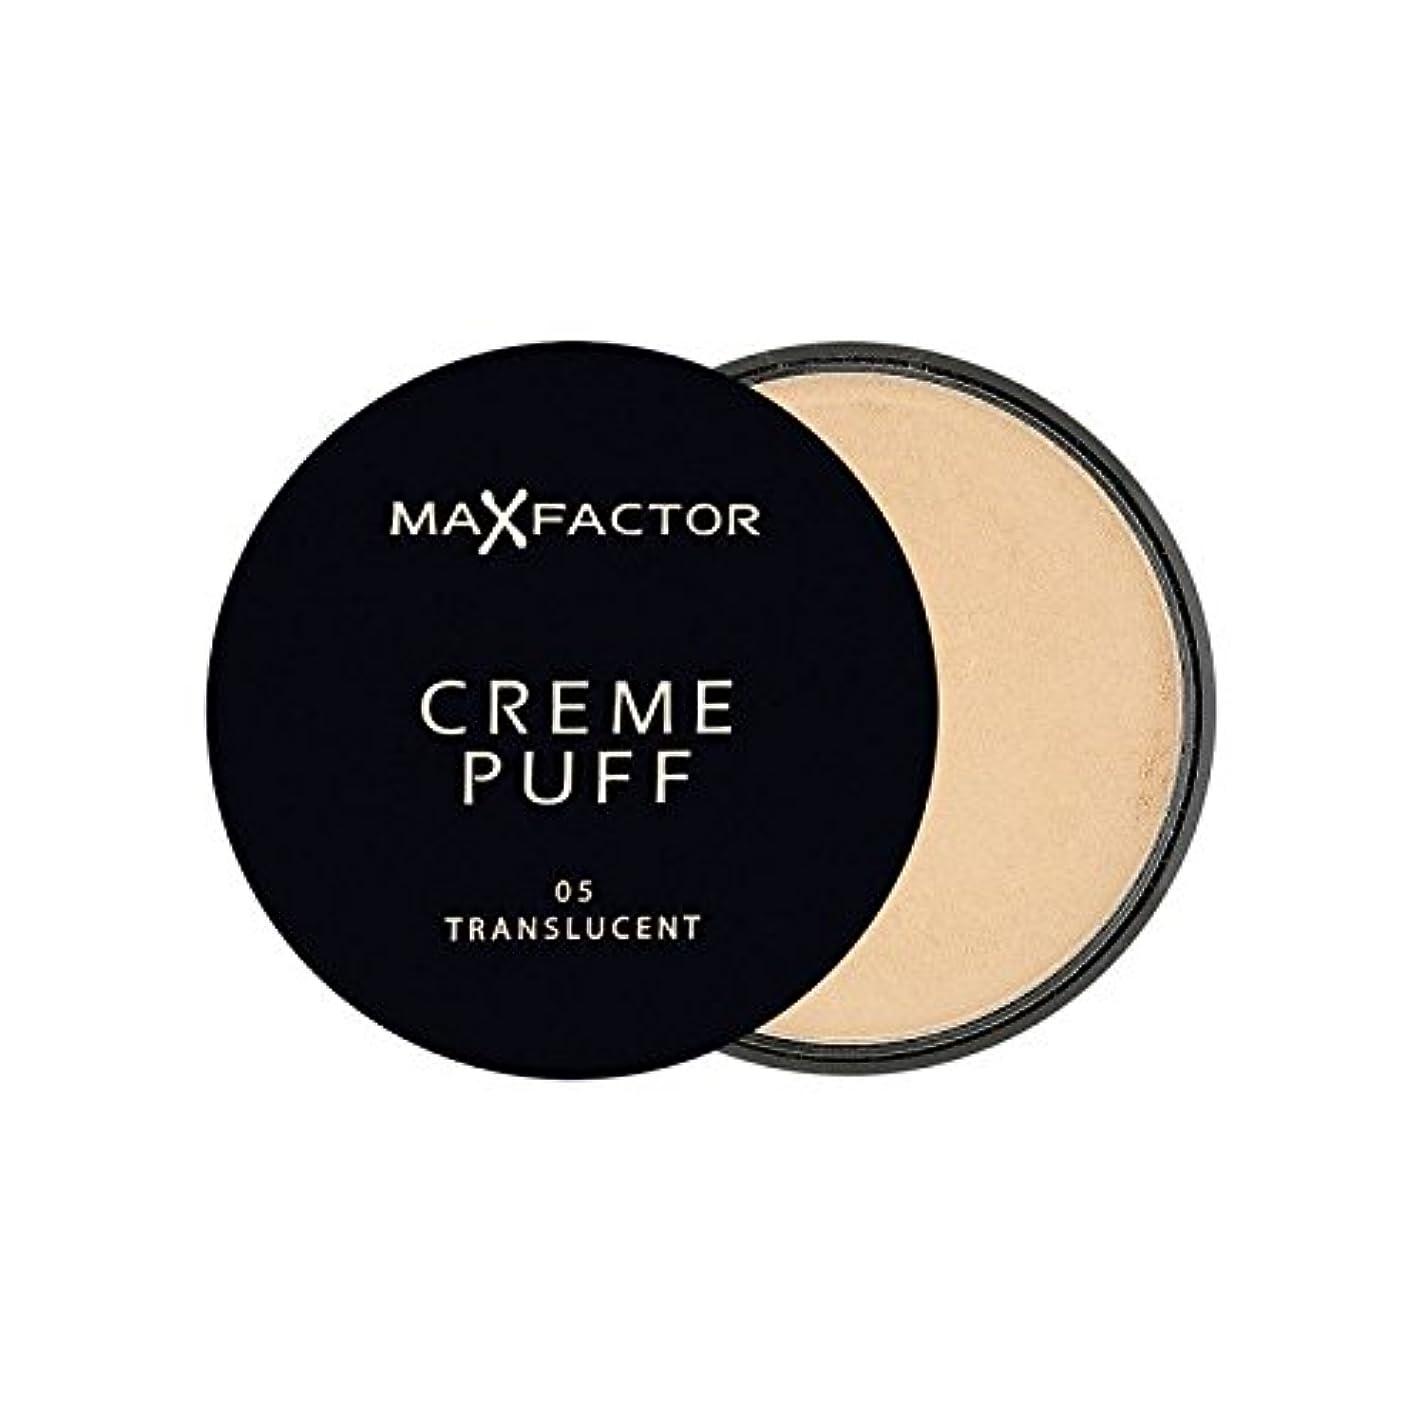 ミル毎週不利益Max Factor Creme Puff Powder Compact Translucent 5 (Pack of 6) - マックスファクタークリームパフパウダーコンパクト半透明5 x6 [並行輸入品]